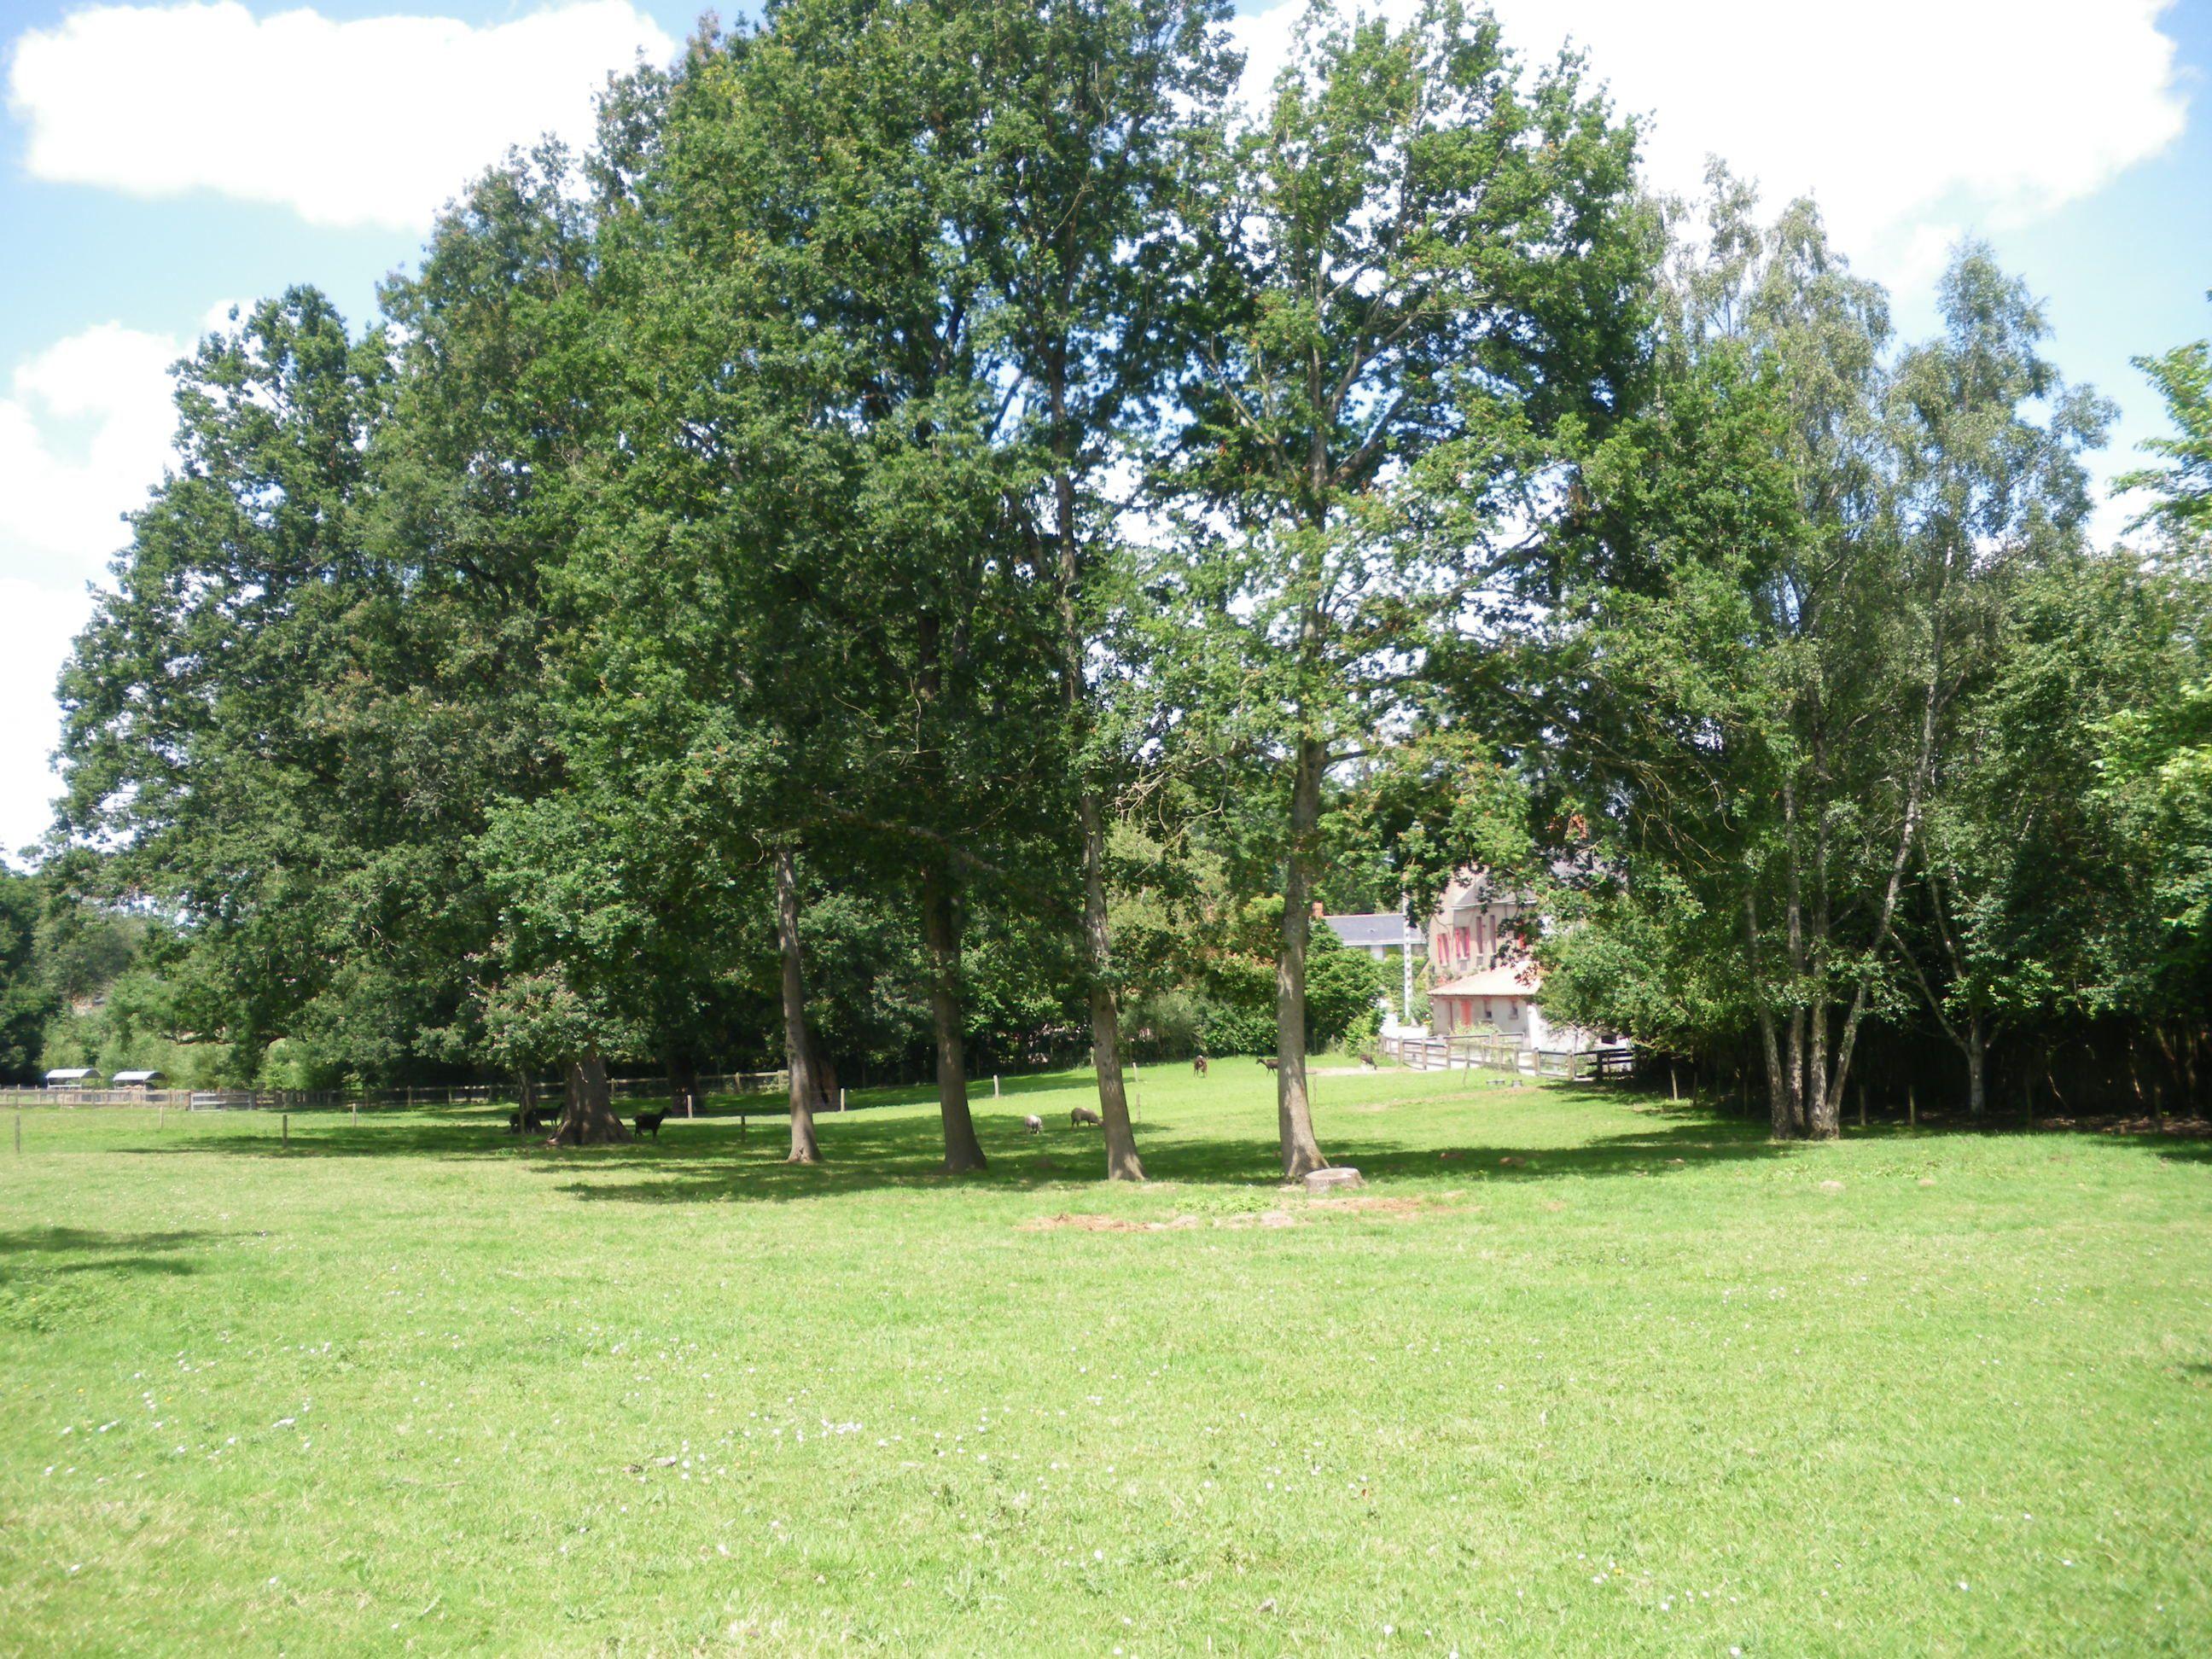 Le parc de la chantrerie la chapelle sur erdre 44 for Espace vert nantes